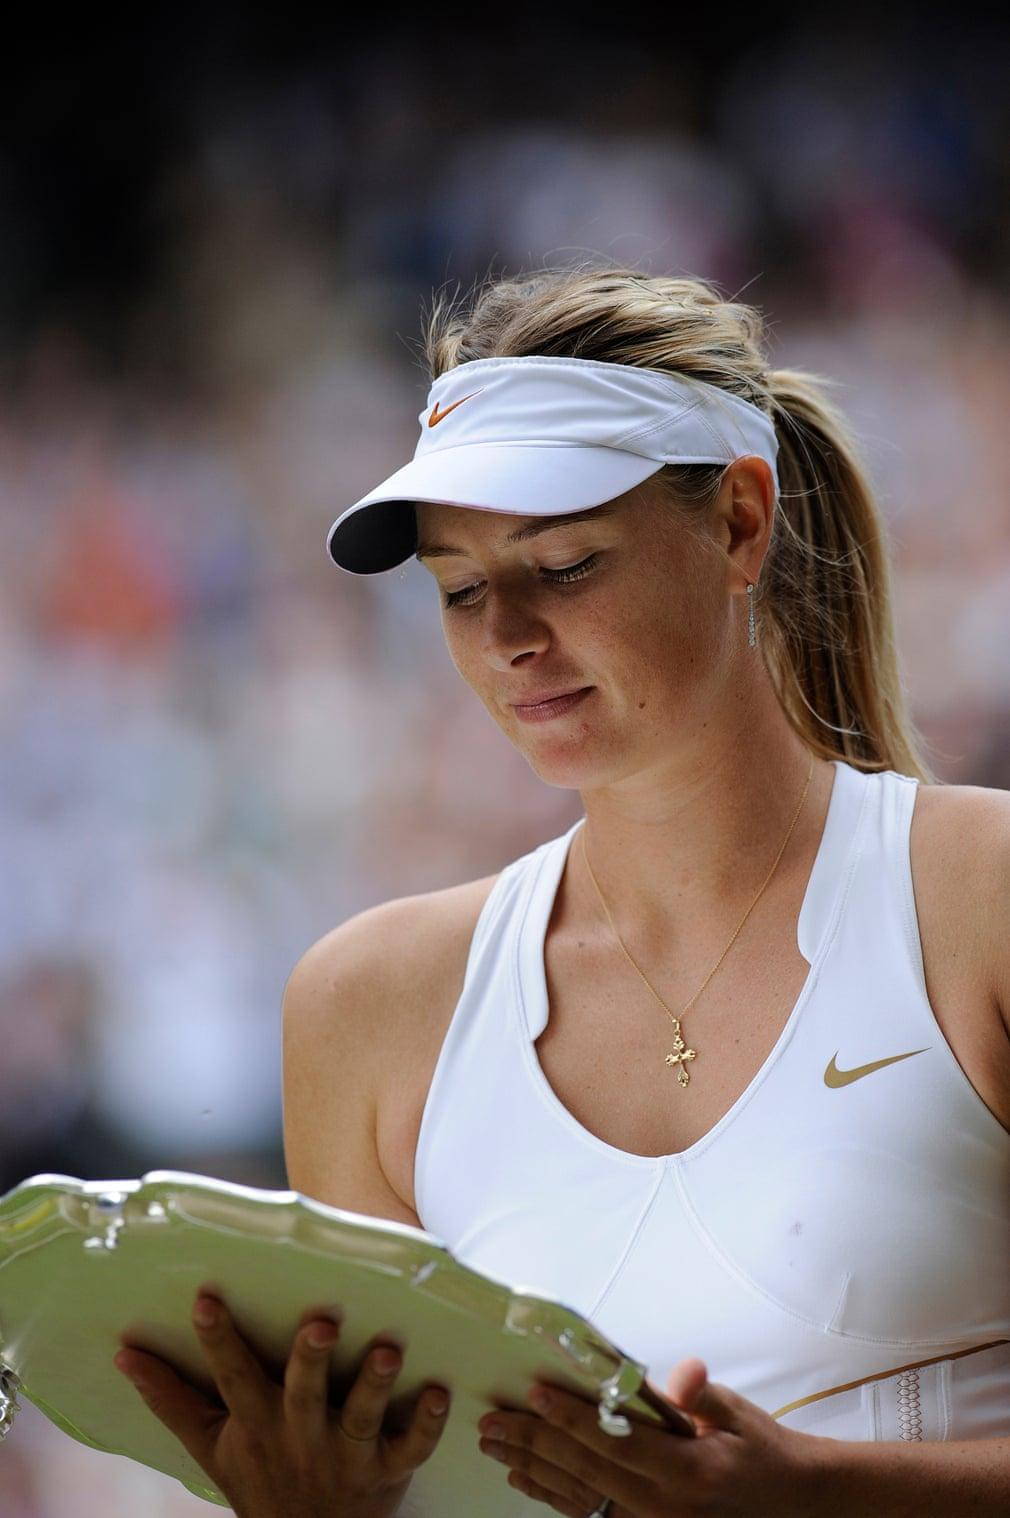 Tại Wimbledon 2011, Sharapova đã tiến thẳng vào chung kết, trước khi thua hạt giống số 8 Petra Kvitová. Điều này đánh dấu trận chung kết lớn đầu tiên của cô trong hơn ba năm và cô đạt vị trí thứ 4 trên thế giới, quay lại top 10 lần đầu tiên kể từ năm 2008 và top 5 lần đầu tiên kể từ năm 2007.